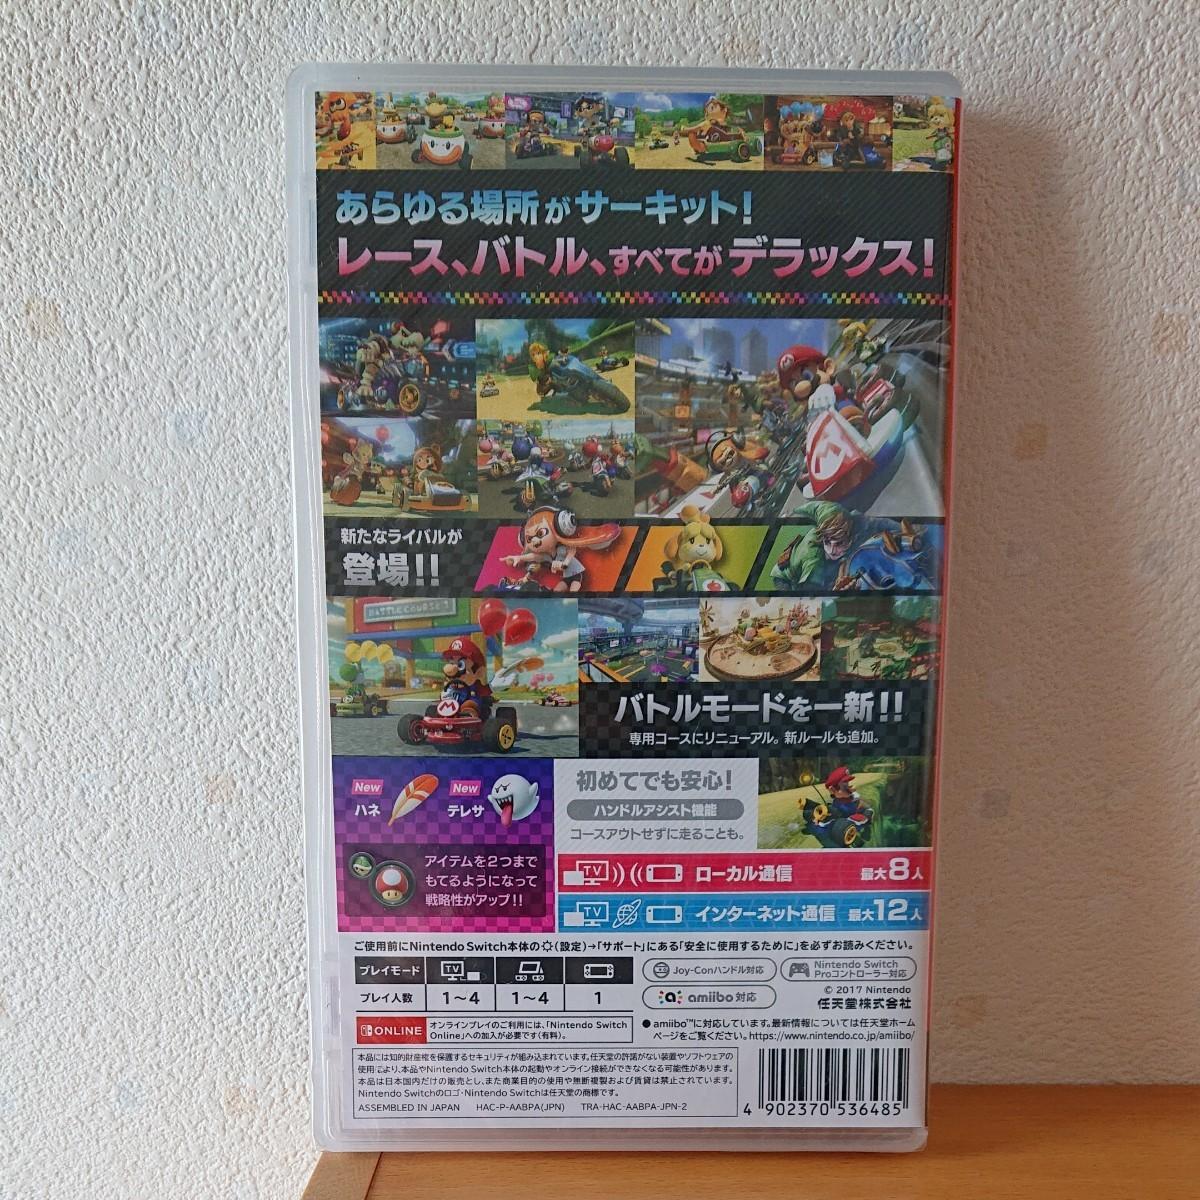 マリオカート8デラックス 任天堂スイッチソフト(新品未開封品)